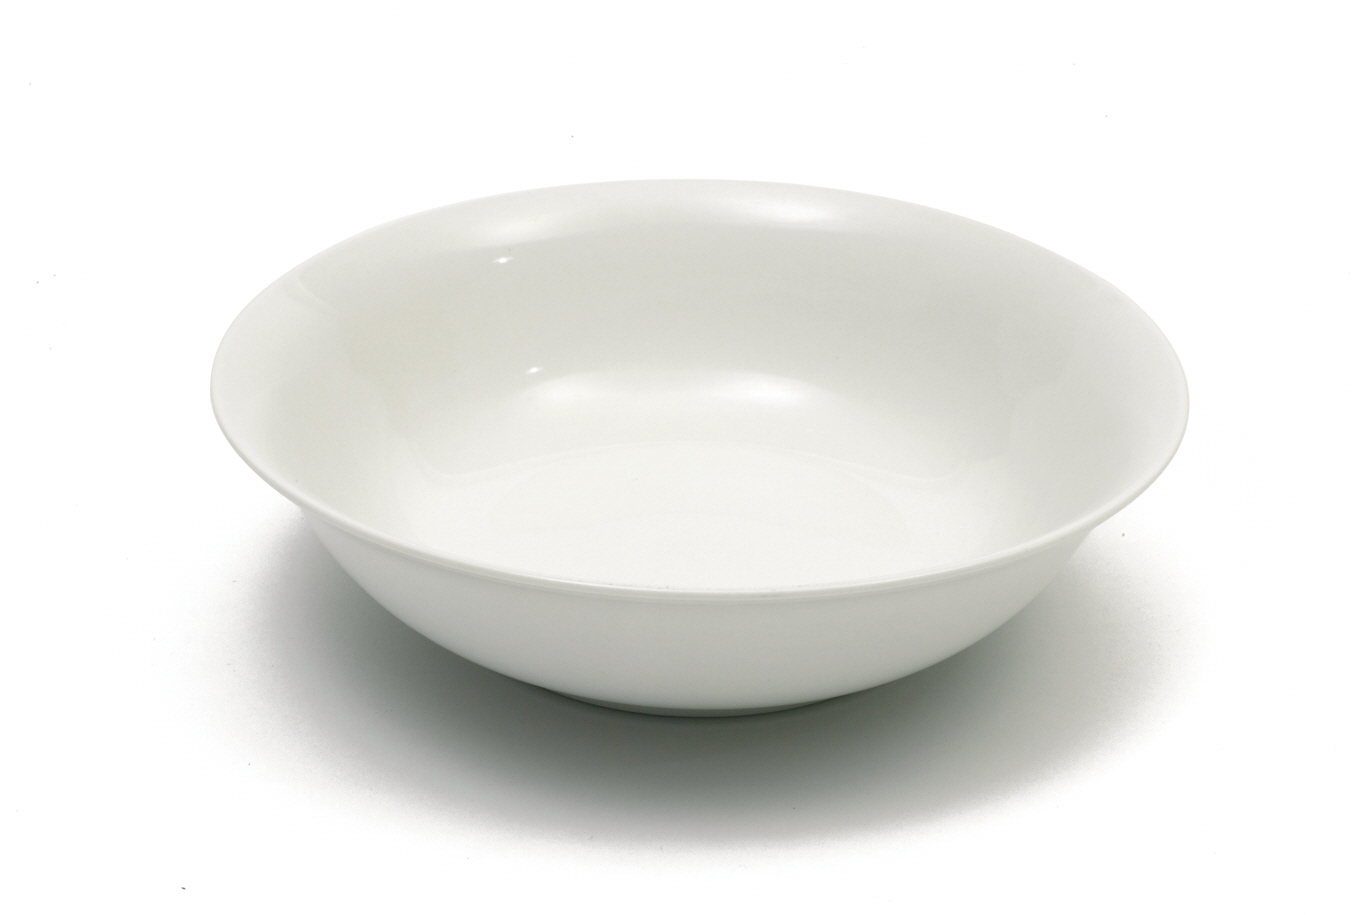 Porcelánová Miska na polévku 20 cm 4 ks White Basics - Maxwell&Williams